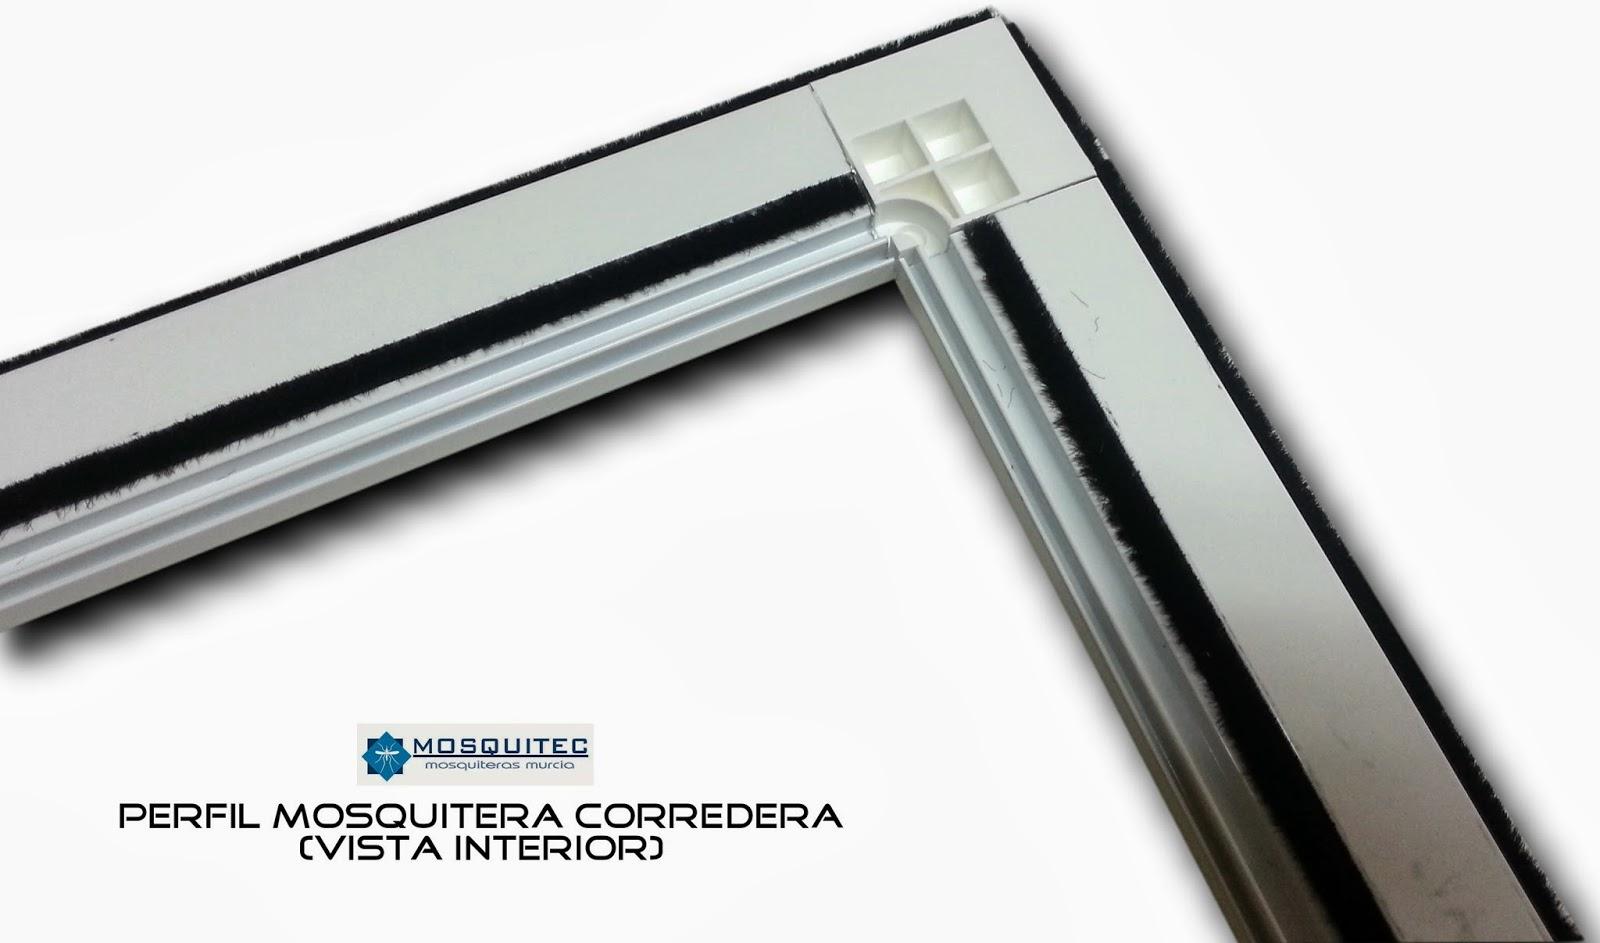 Mosquitera corredera mosquiteras murcia for Mosquiteros de aluminio